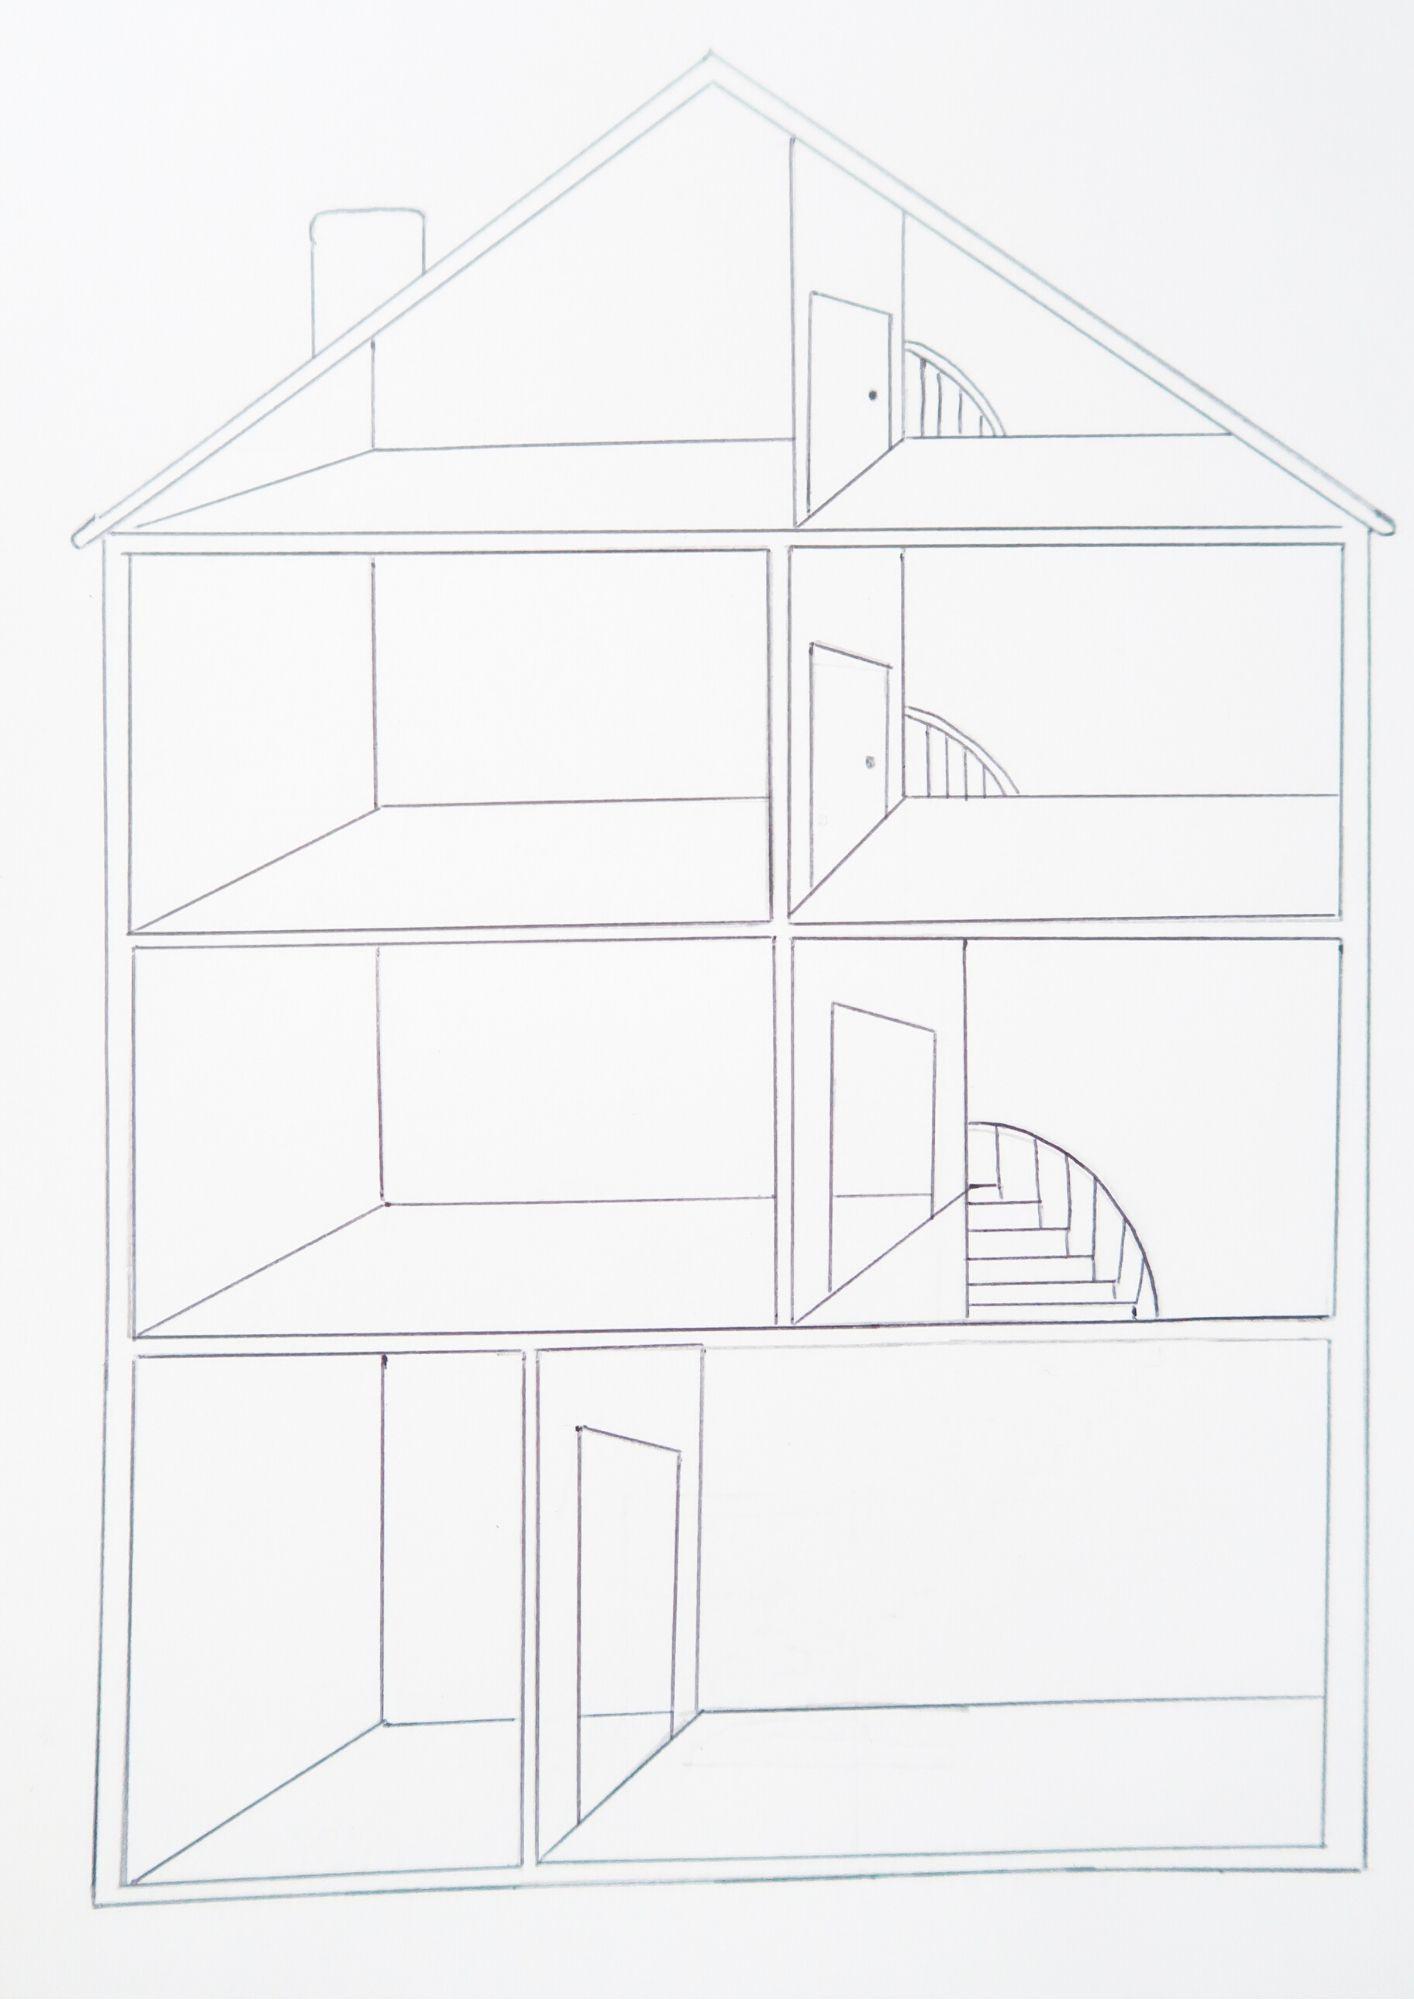 Créer sa propre maison sur papier (support à télécharger)